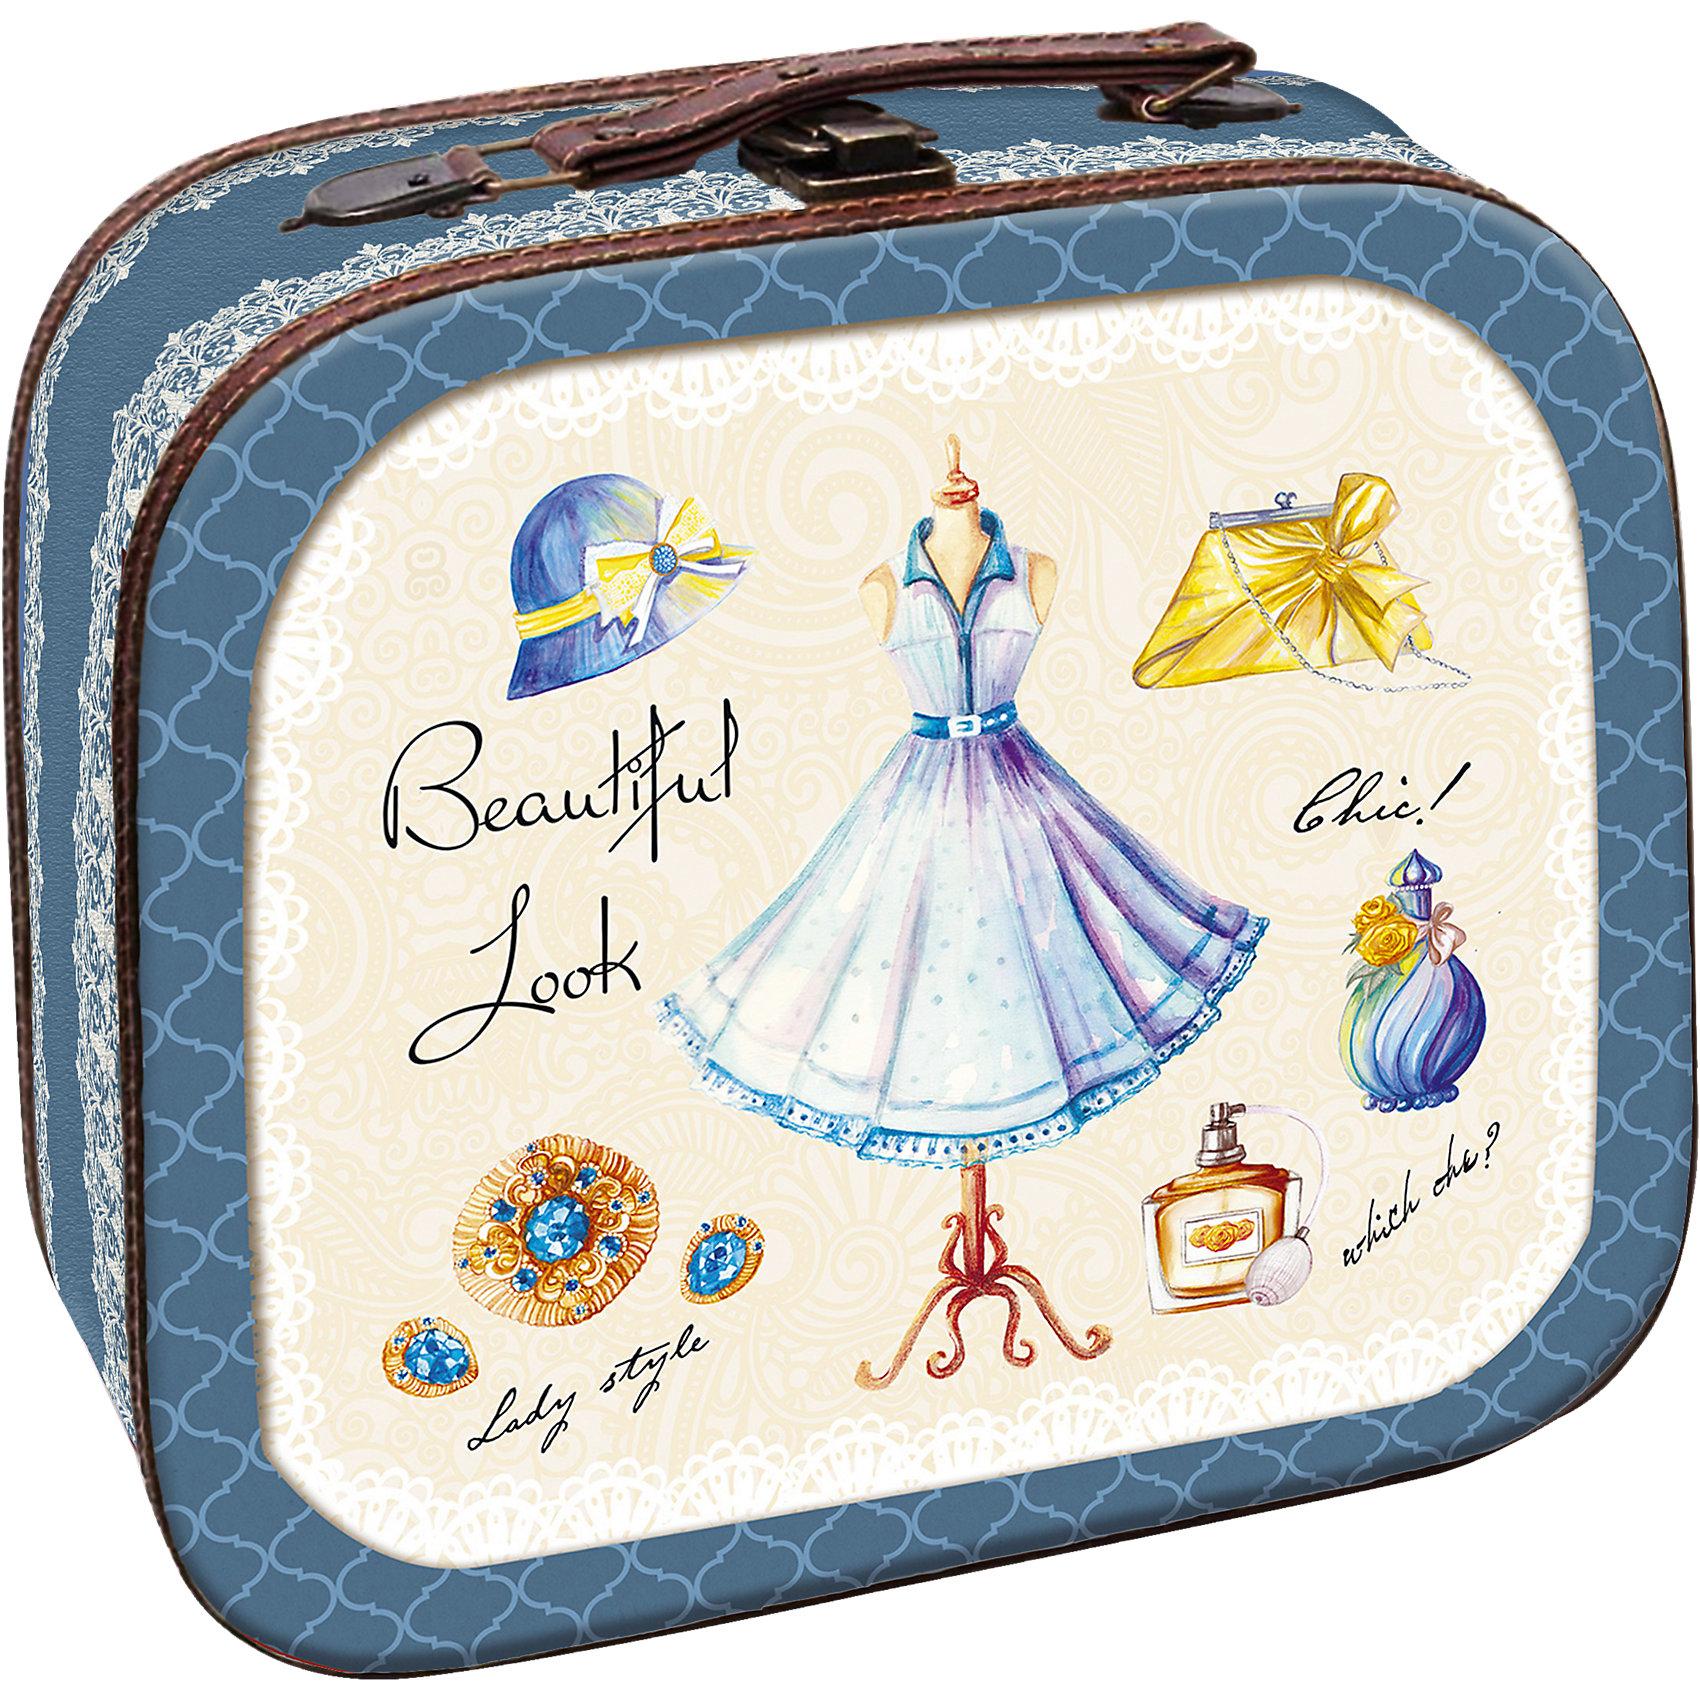 Шкатулка Маленькое платье 28,5*25*10,5 смЭта оригинальная шкатулка станет замечательным подарком на любой праздник. В ней можно хранить любые мелочи, это не только эффектное украшение интерьера, но и практичный аксессуар, который поможет поддержать порядок и улучшить функциональную организацию пространства. Шкатулка выполнена в виде чемоданчика, с нарисованными на нем дамскими платьями, закрывается на удобный замок, наверху имеет изящную кожаную ручку для переноски.<br><br>Дополнительная информация:<br><br>- Материал: МДФ, металл, кожа.<br>- Размер: 28,5х25х10,5 см.<br>- Металлический замок.<br>- Удобная ручка для переноски.<br><br>Декоративную шкатулку  Маленькое голубое платье можно купить в нашем магазине.<br><br>Ширина мм: 120<br>Глубина мм: 270<br>Высота мм: 300<br>Вес г: 700<br>Возраст от месяцев: 36<br>Возраст до месяцев: 2147483647<br>Пол: Унисекс<br>Возраст: Детский<br>SKU: 4290315